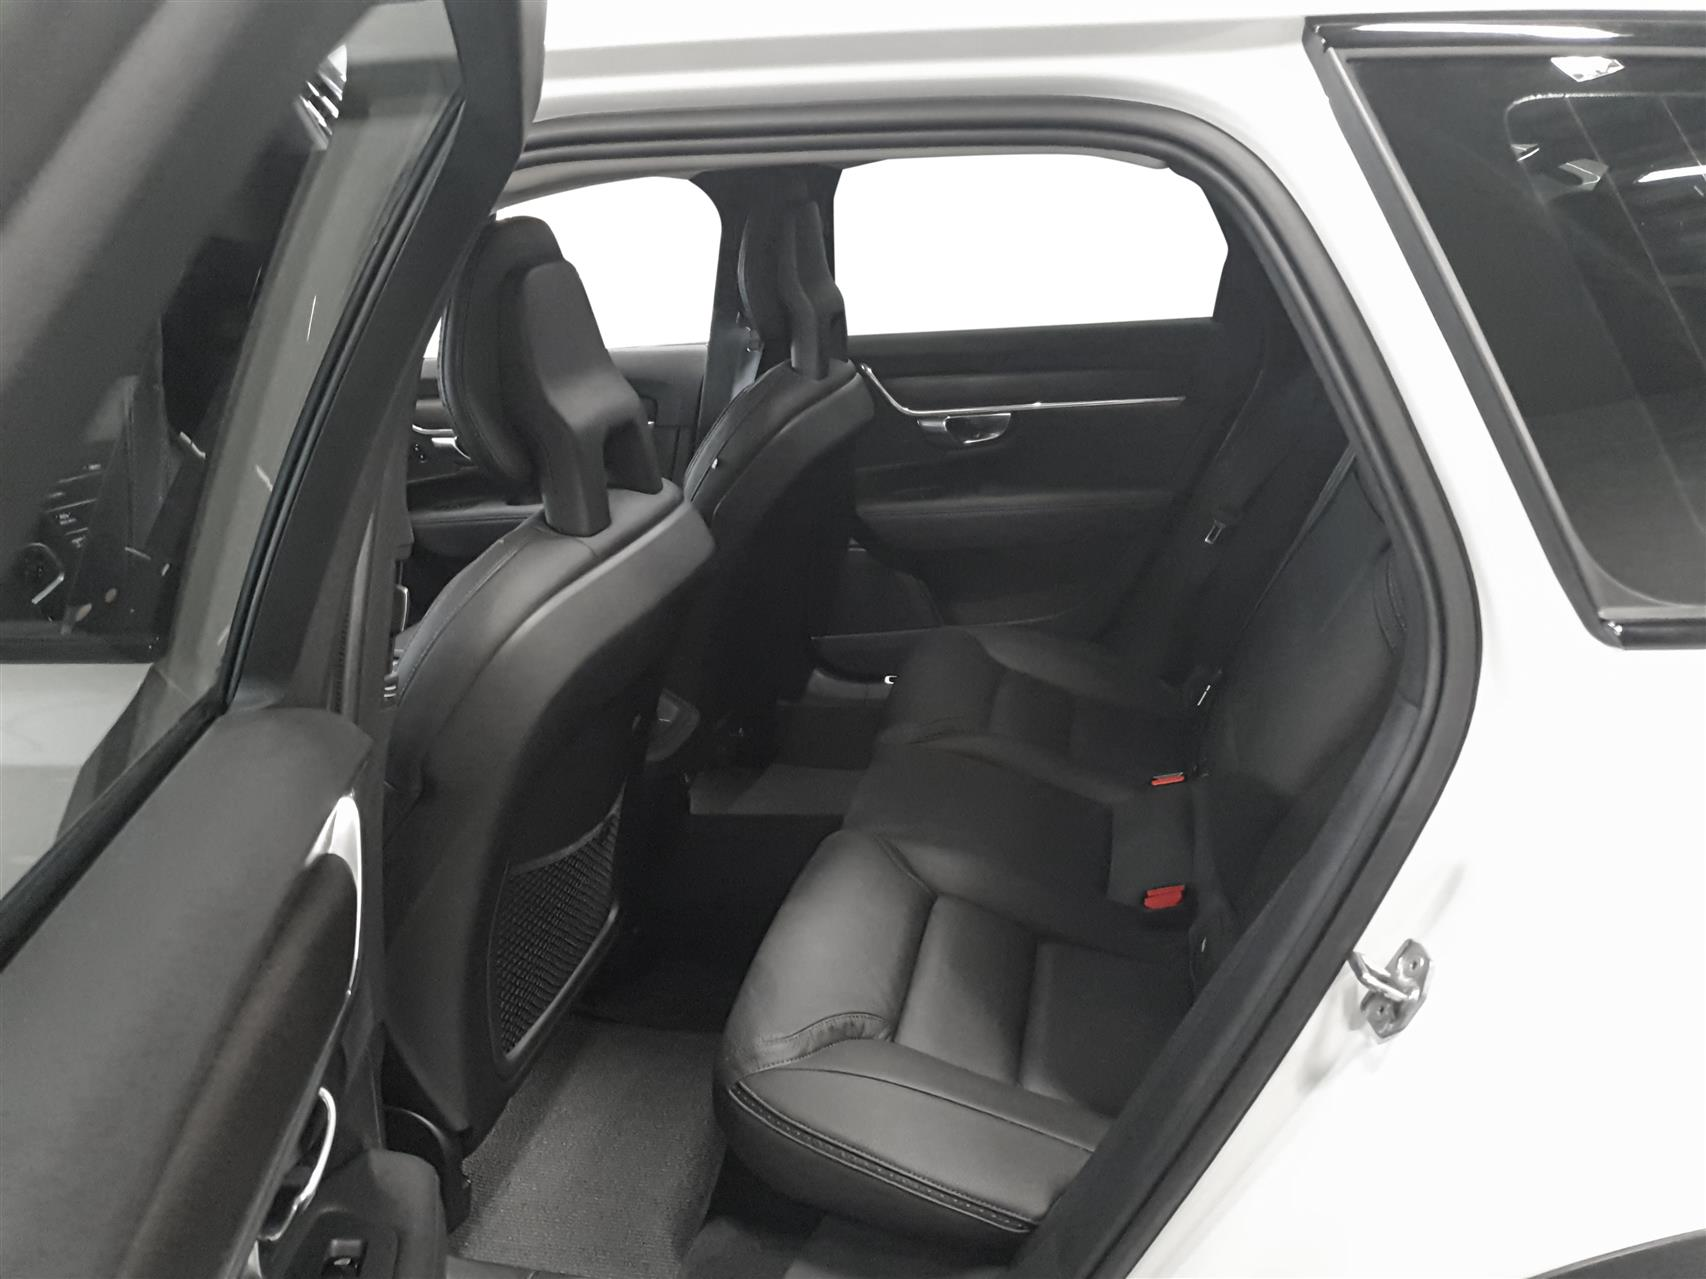 2,0 T5 Pro AWD 254HK Stc 8g Aut. image4